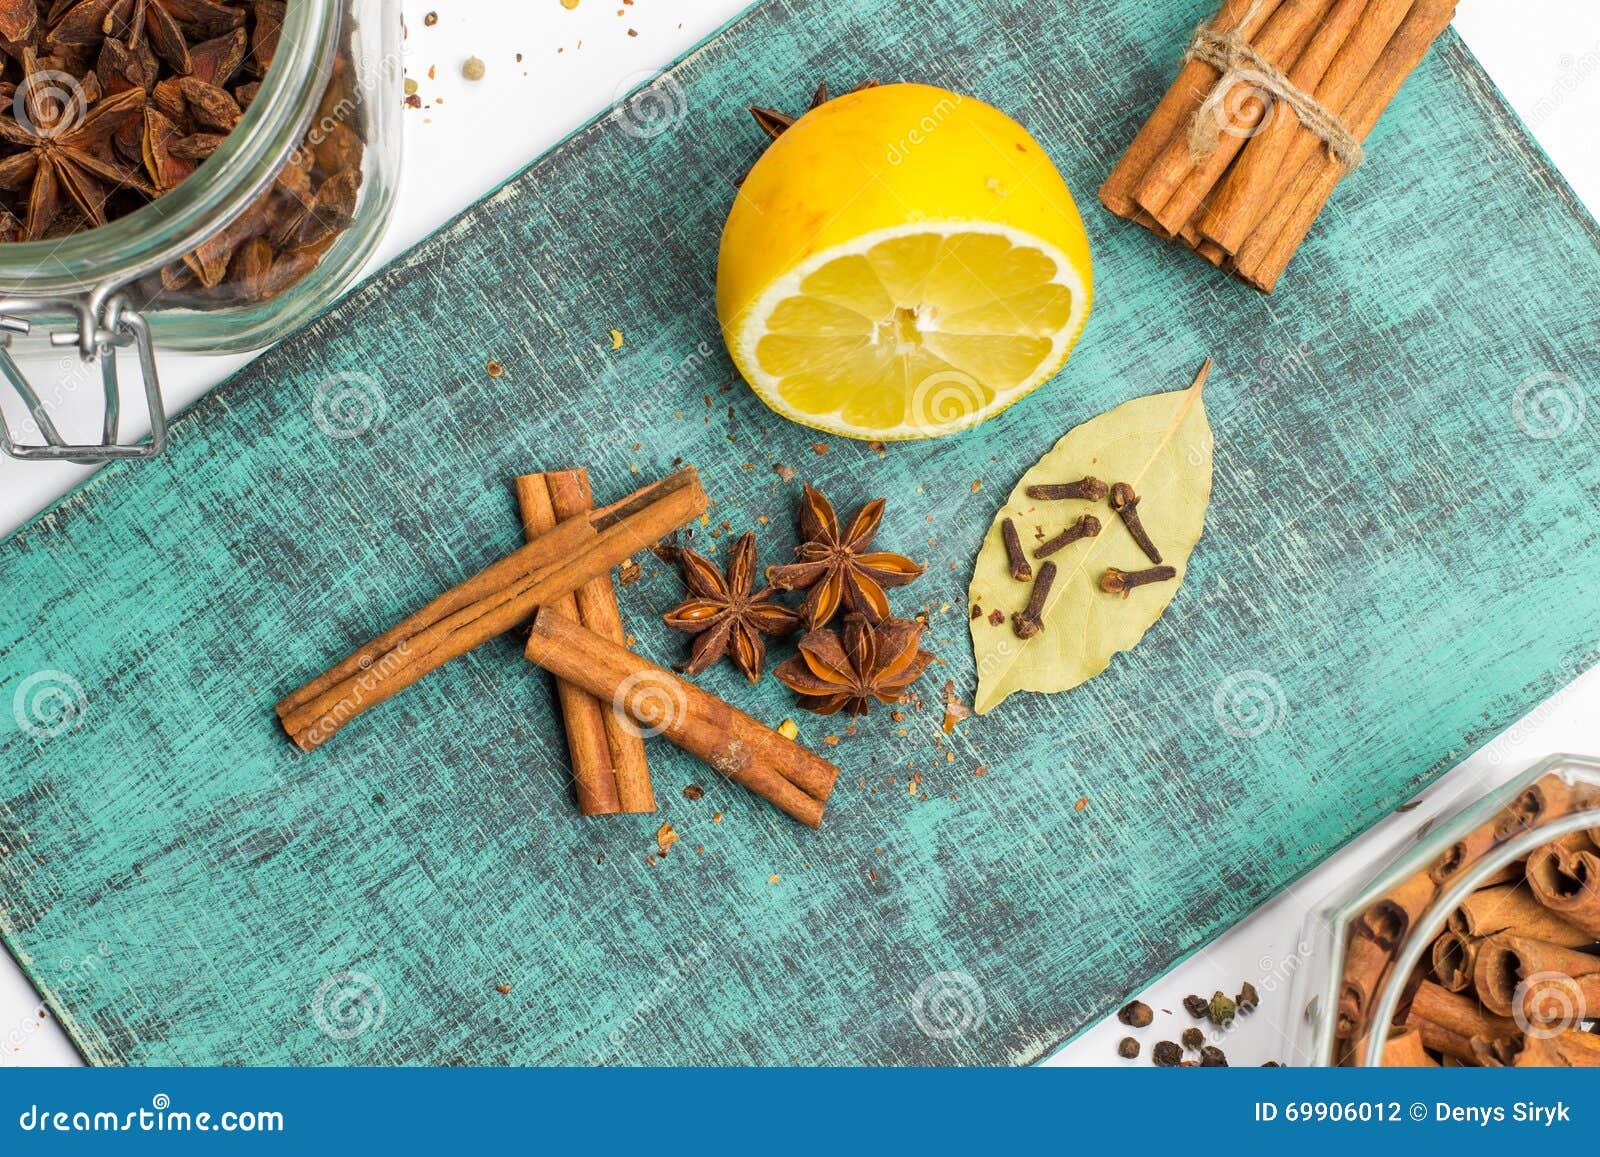 Kryddor och örtar Mat kokkonstingredienser, kanel, kryddnejlika, anis, citron